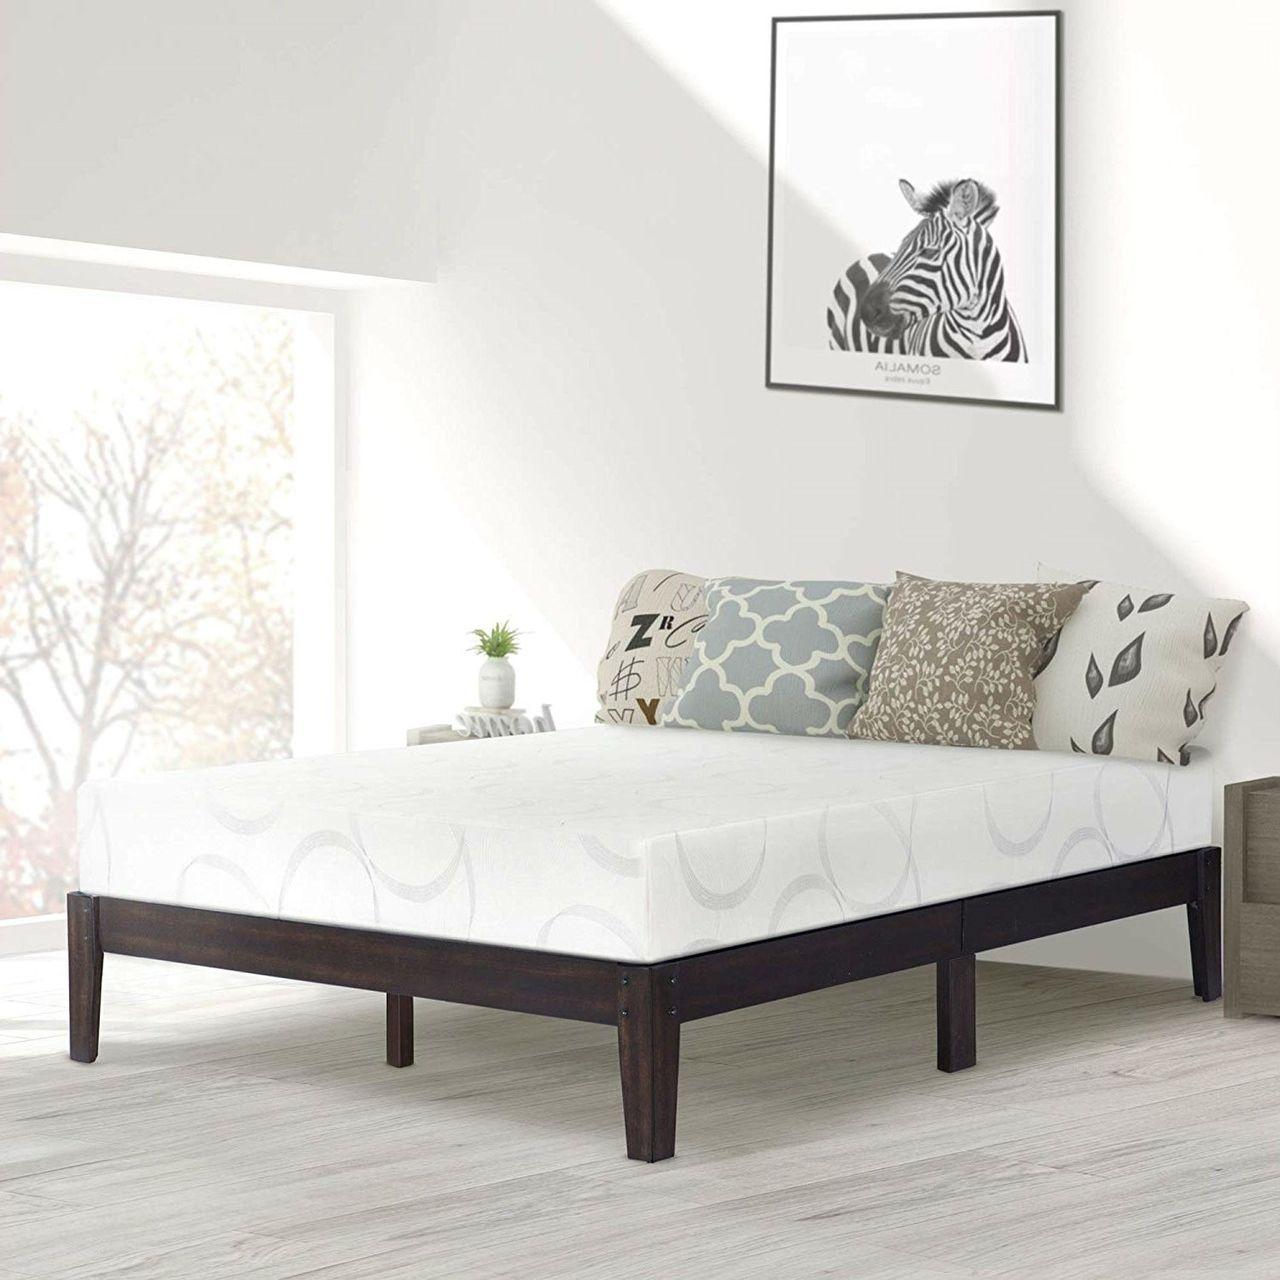 Full size Solid Wood Platform Bed Frame in Black Finish